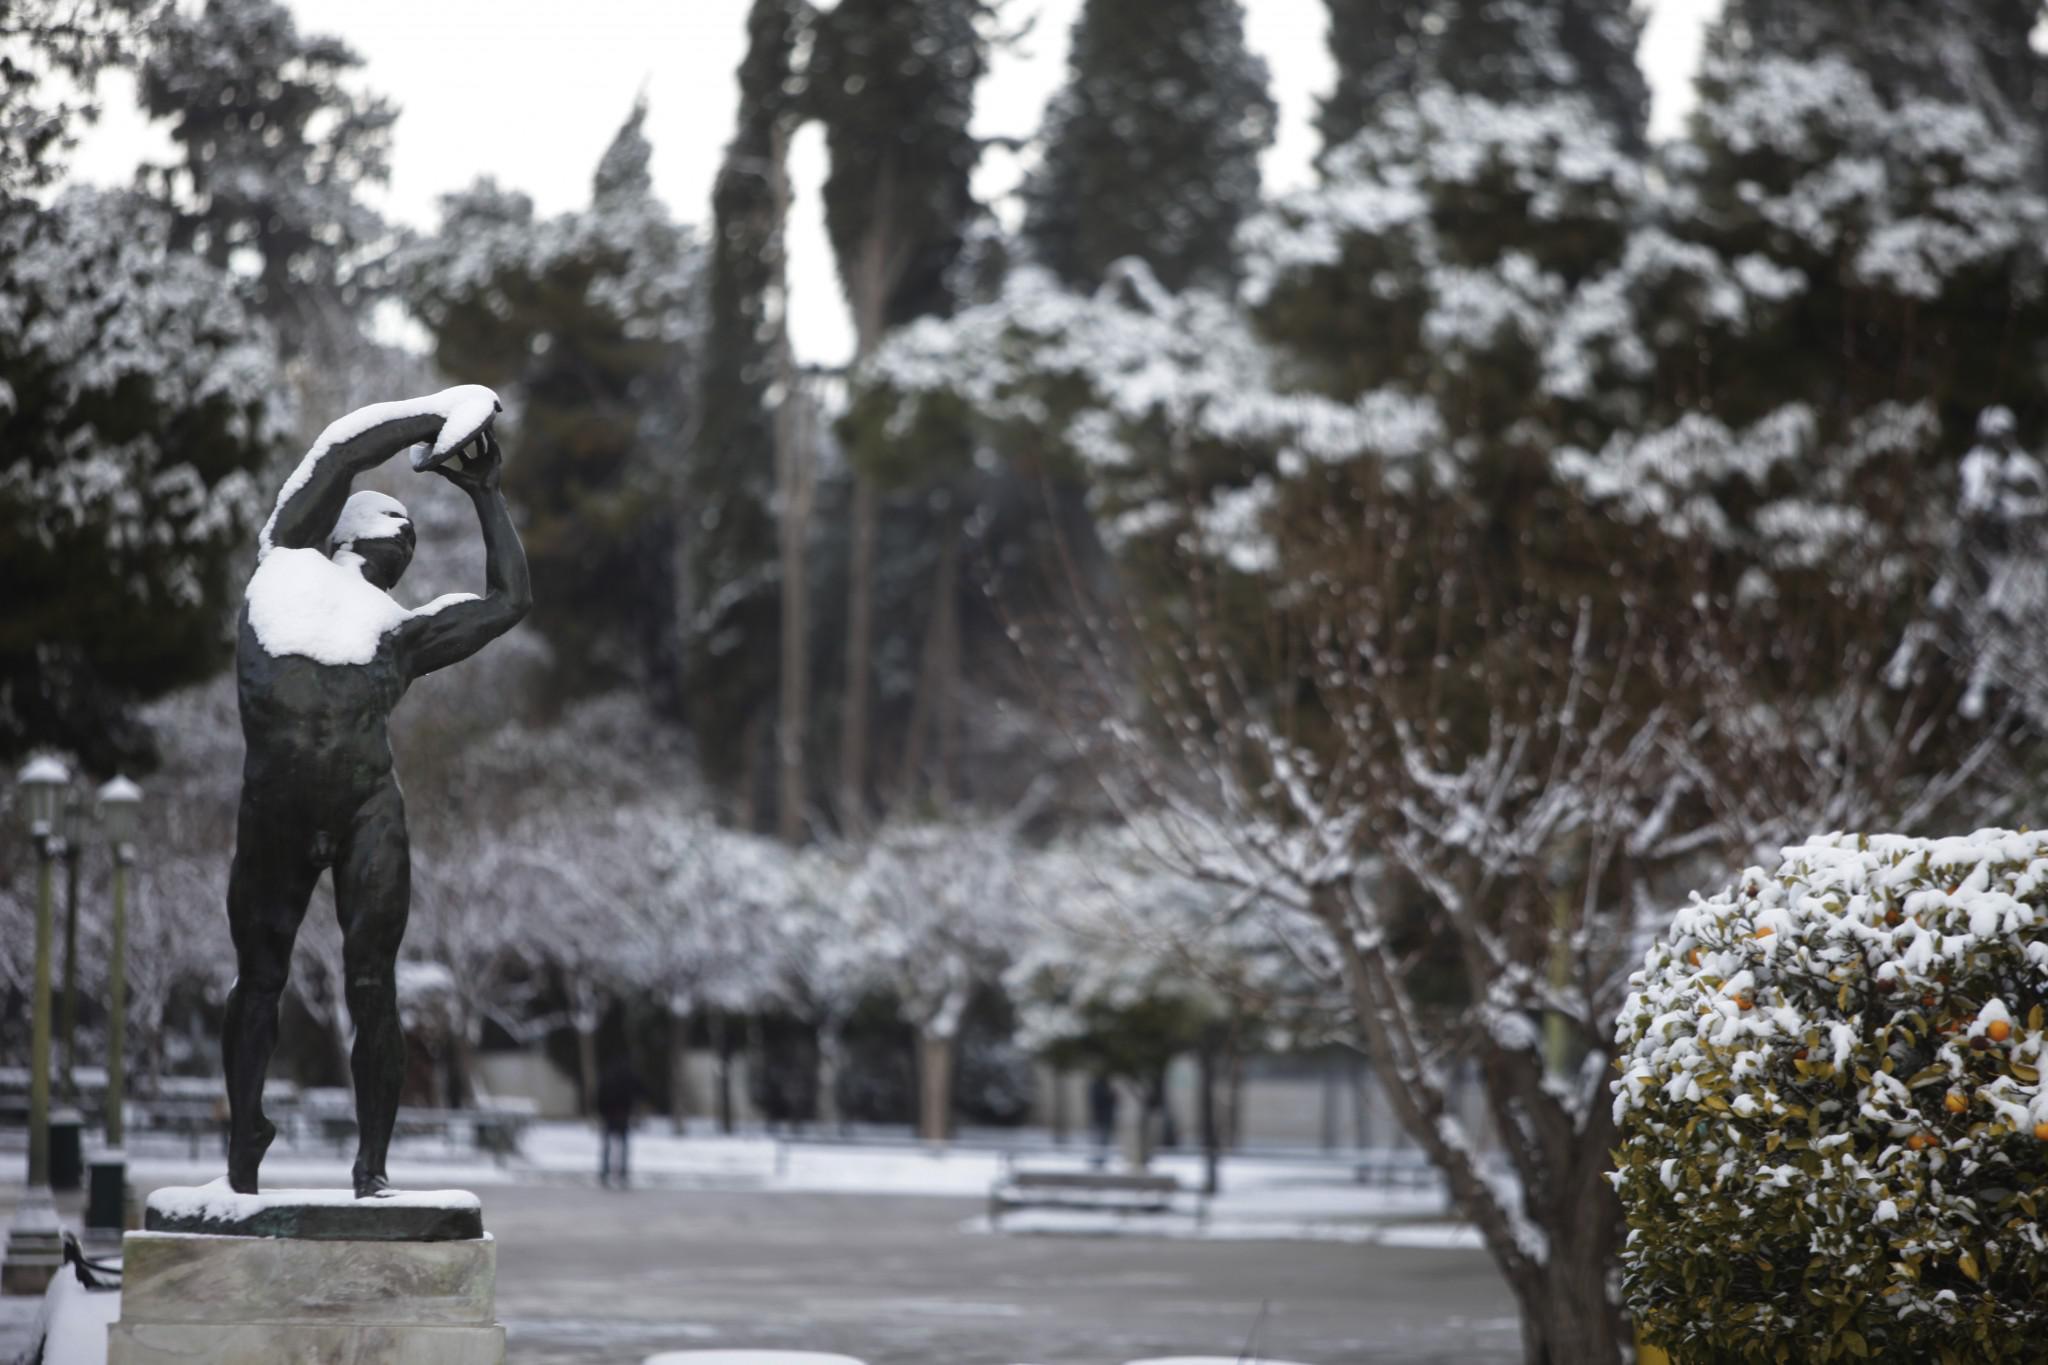 xionia-athina-kentro-topio-entiposiakes-eikones-5 Δέκα «κλικ» για την άσπρη μέρα της Αθήνας [εικόνες]